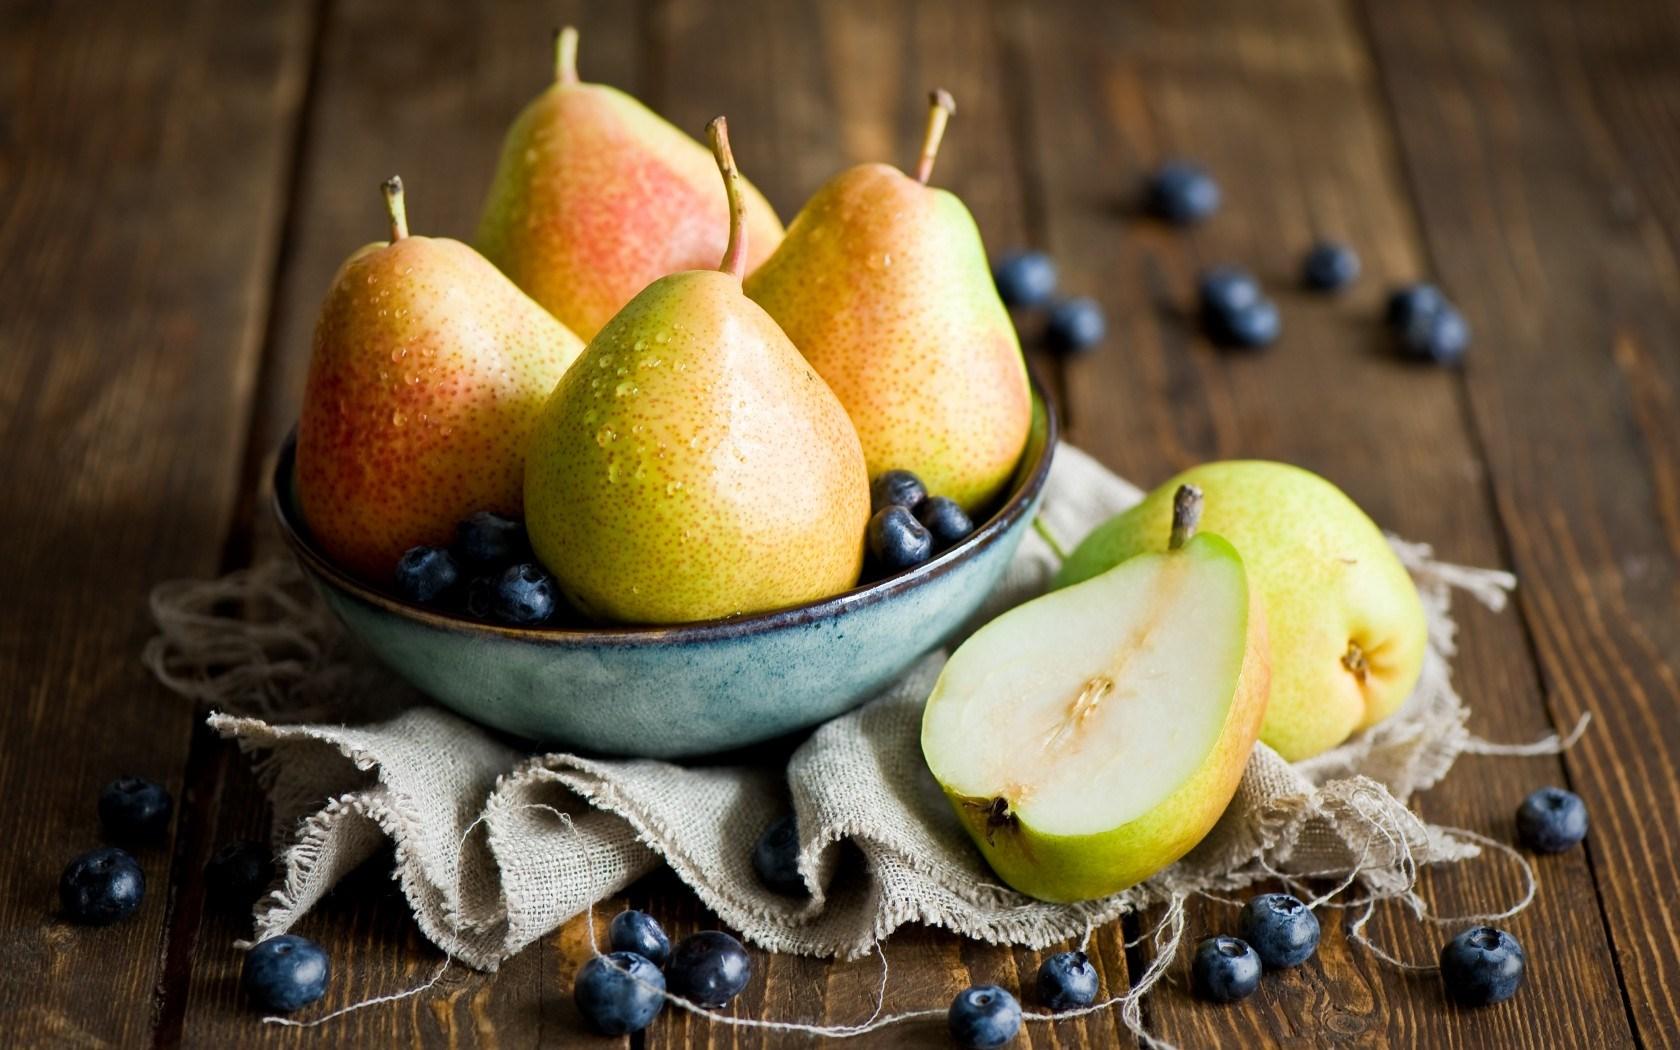 Pears Blueberries